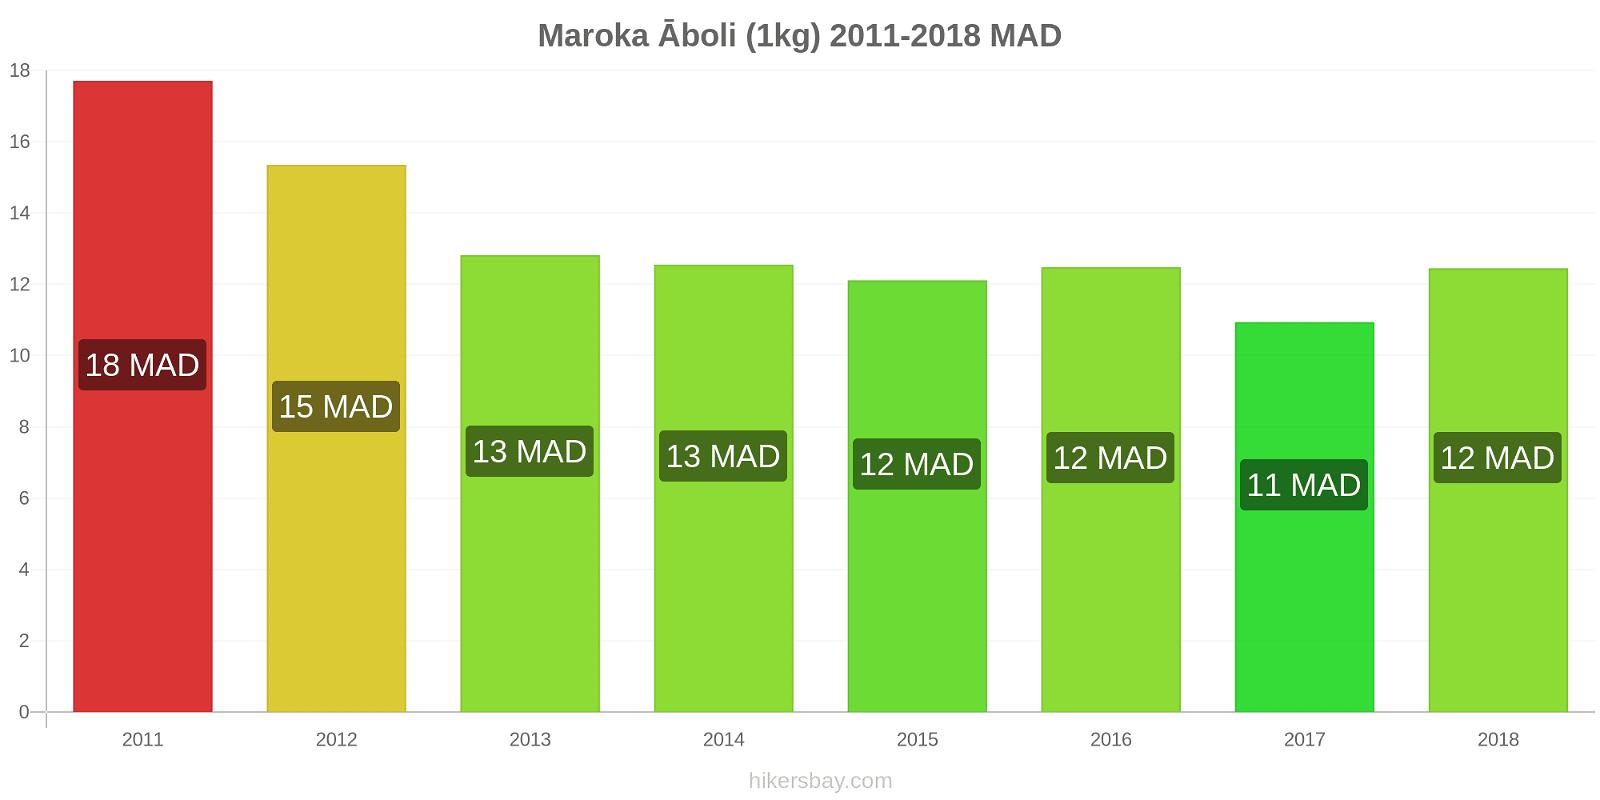 Maroka cenu izmaiņas Āboli (1kg) hikersbay.com